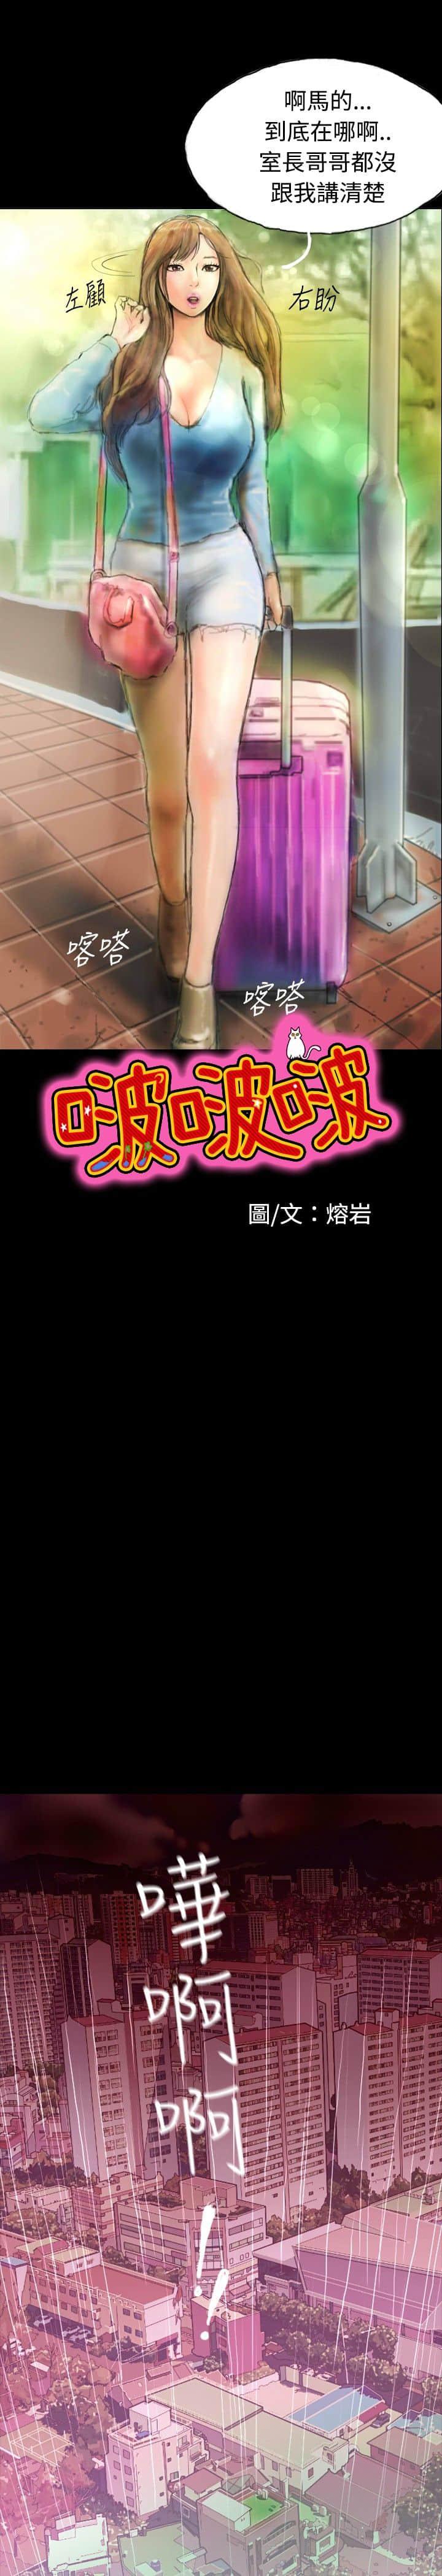 叶罗丽精灵梦第八季漫画下拉式2021今日新话